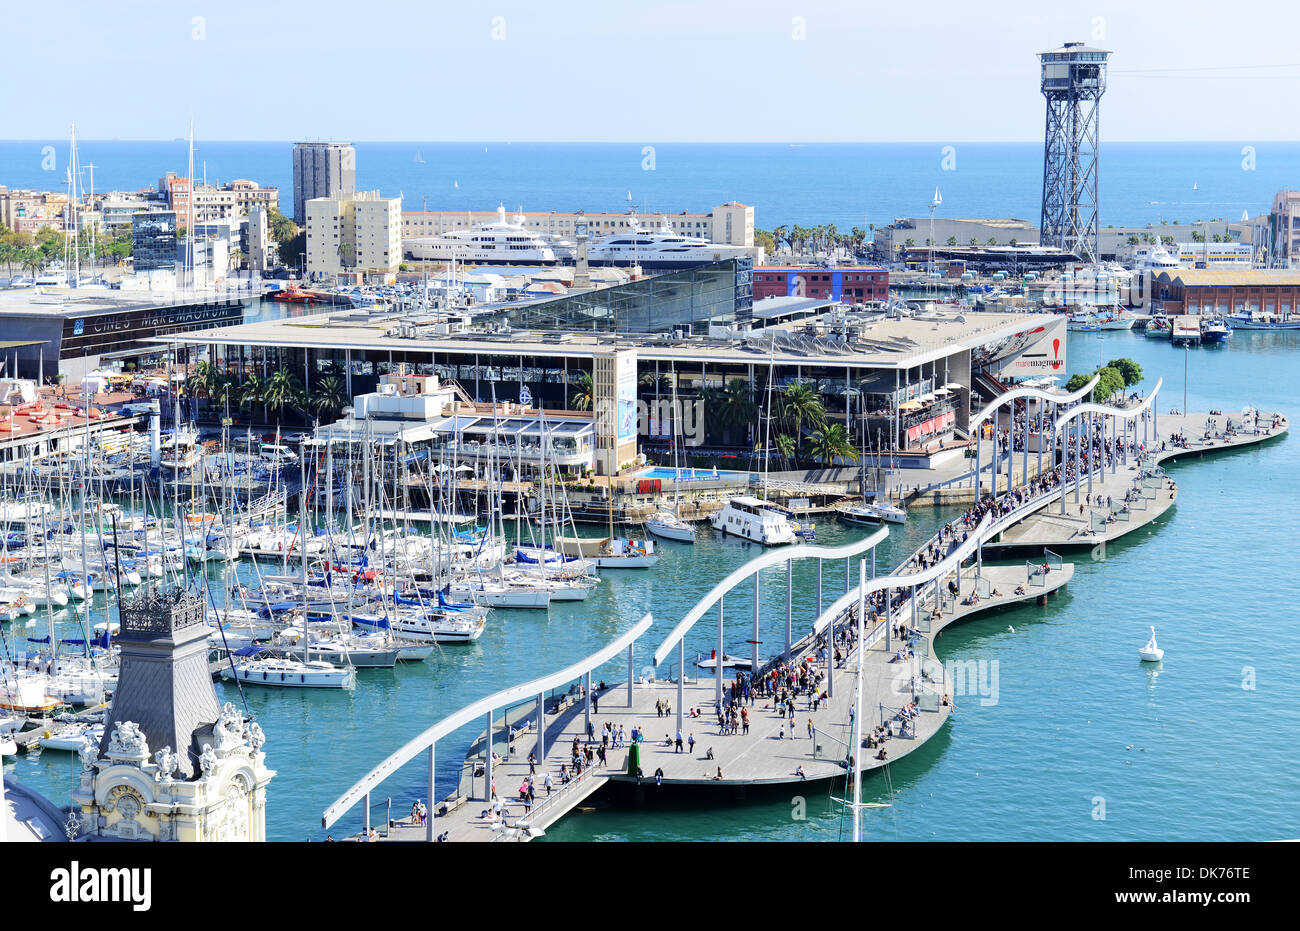 Port Vell harbour, Port Vell harbor, Barcelona, Spain - Stock Image